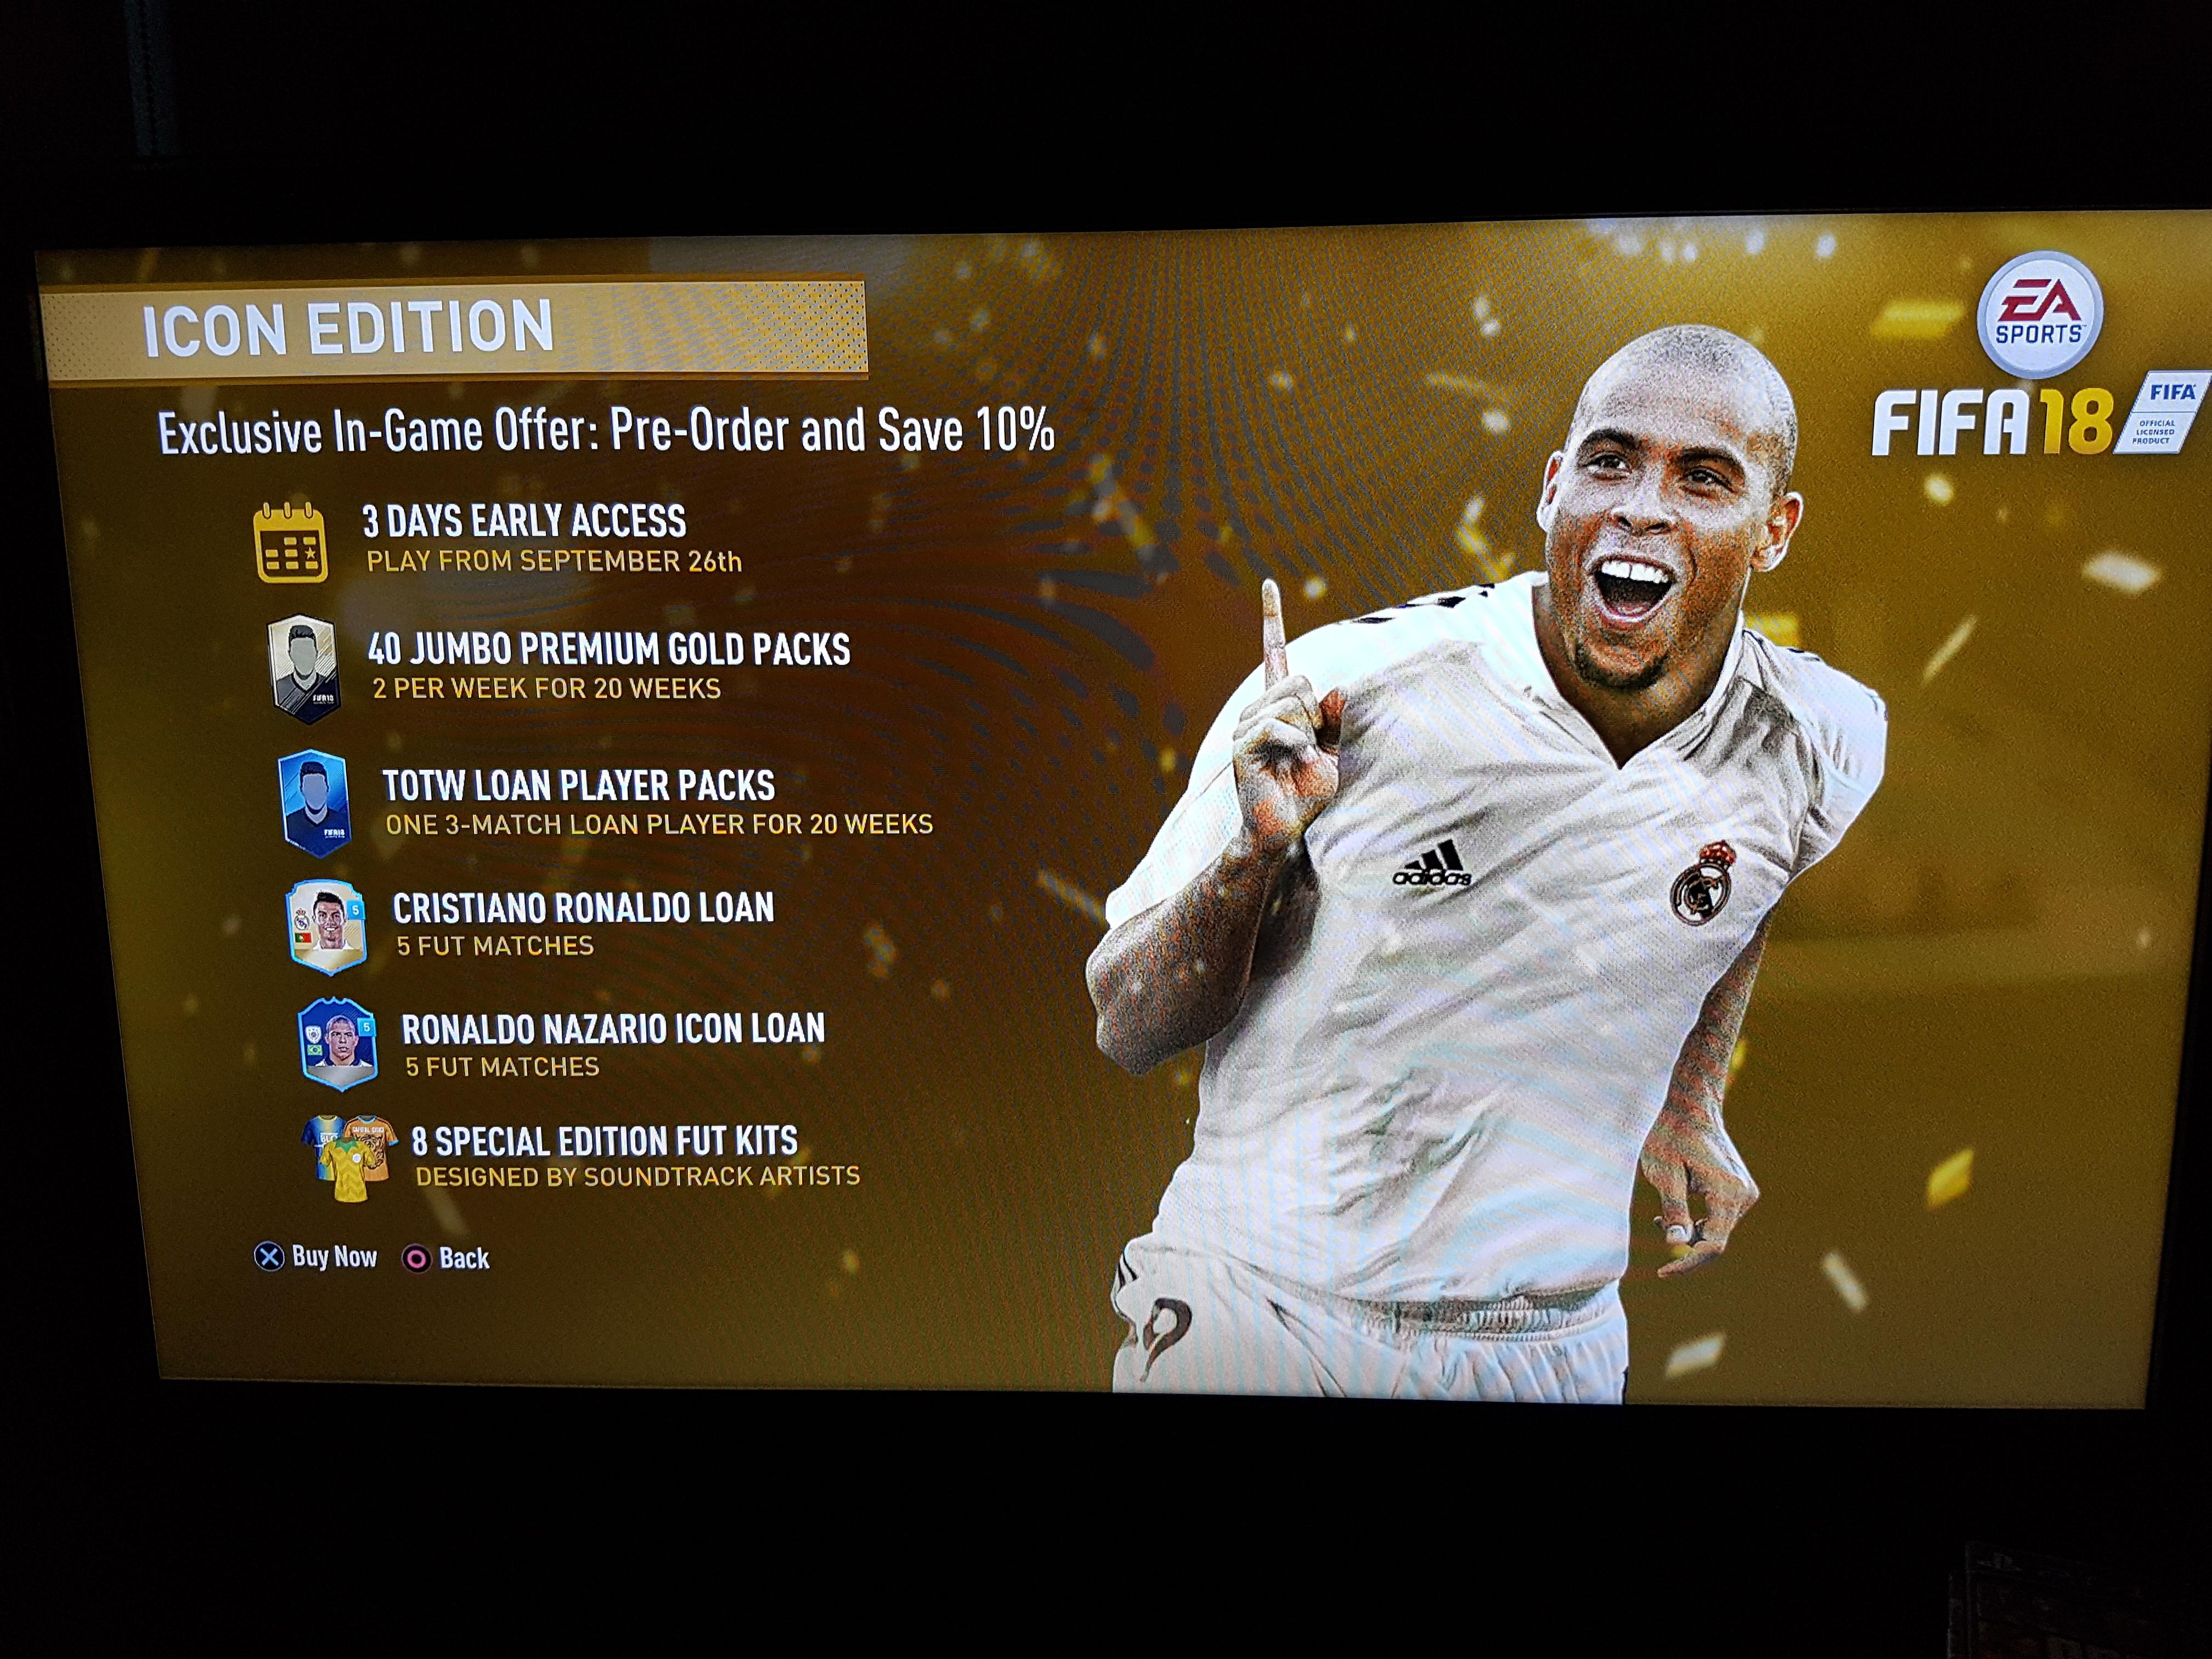 FIFA 18 Icon Edition 10% off £80.99 @ Fifa Store